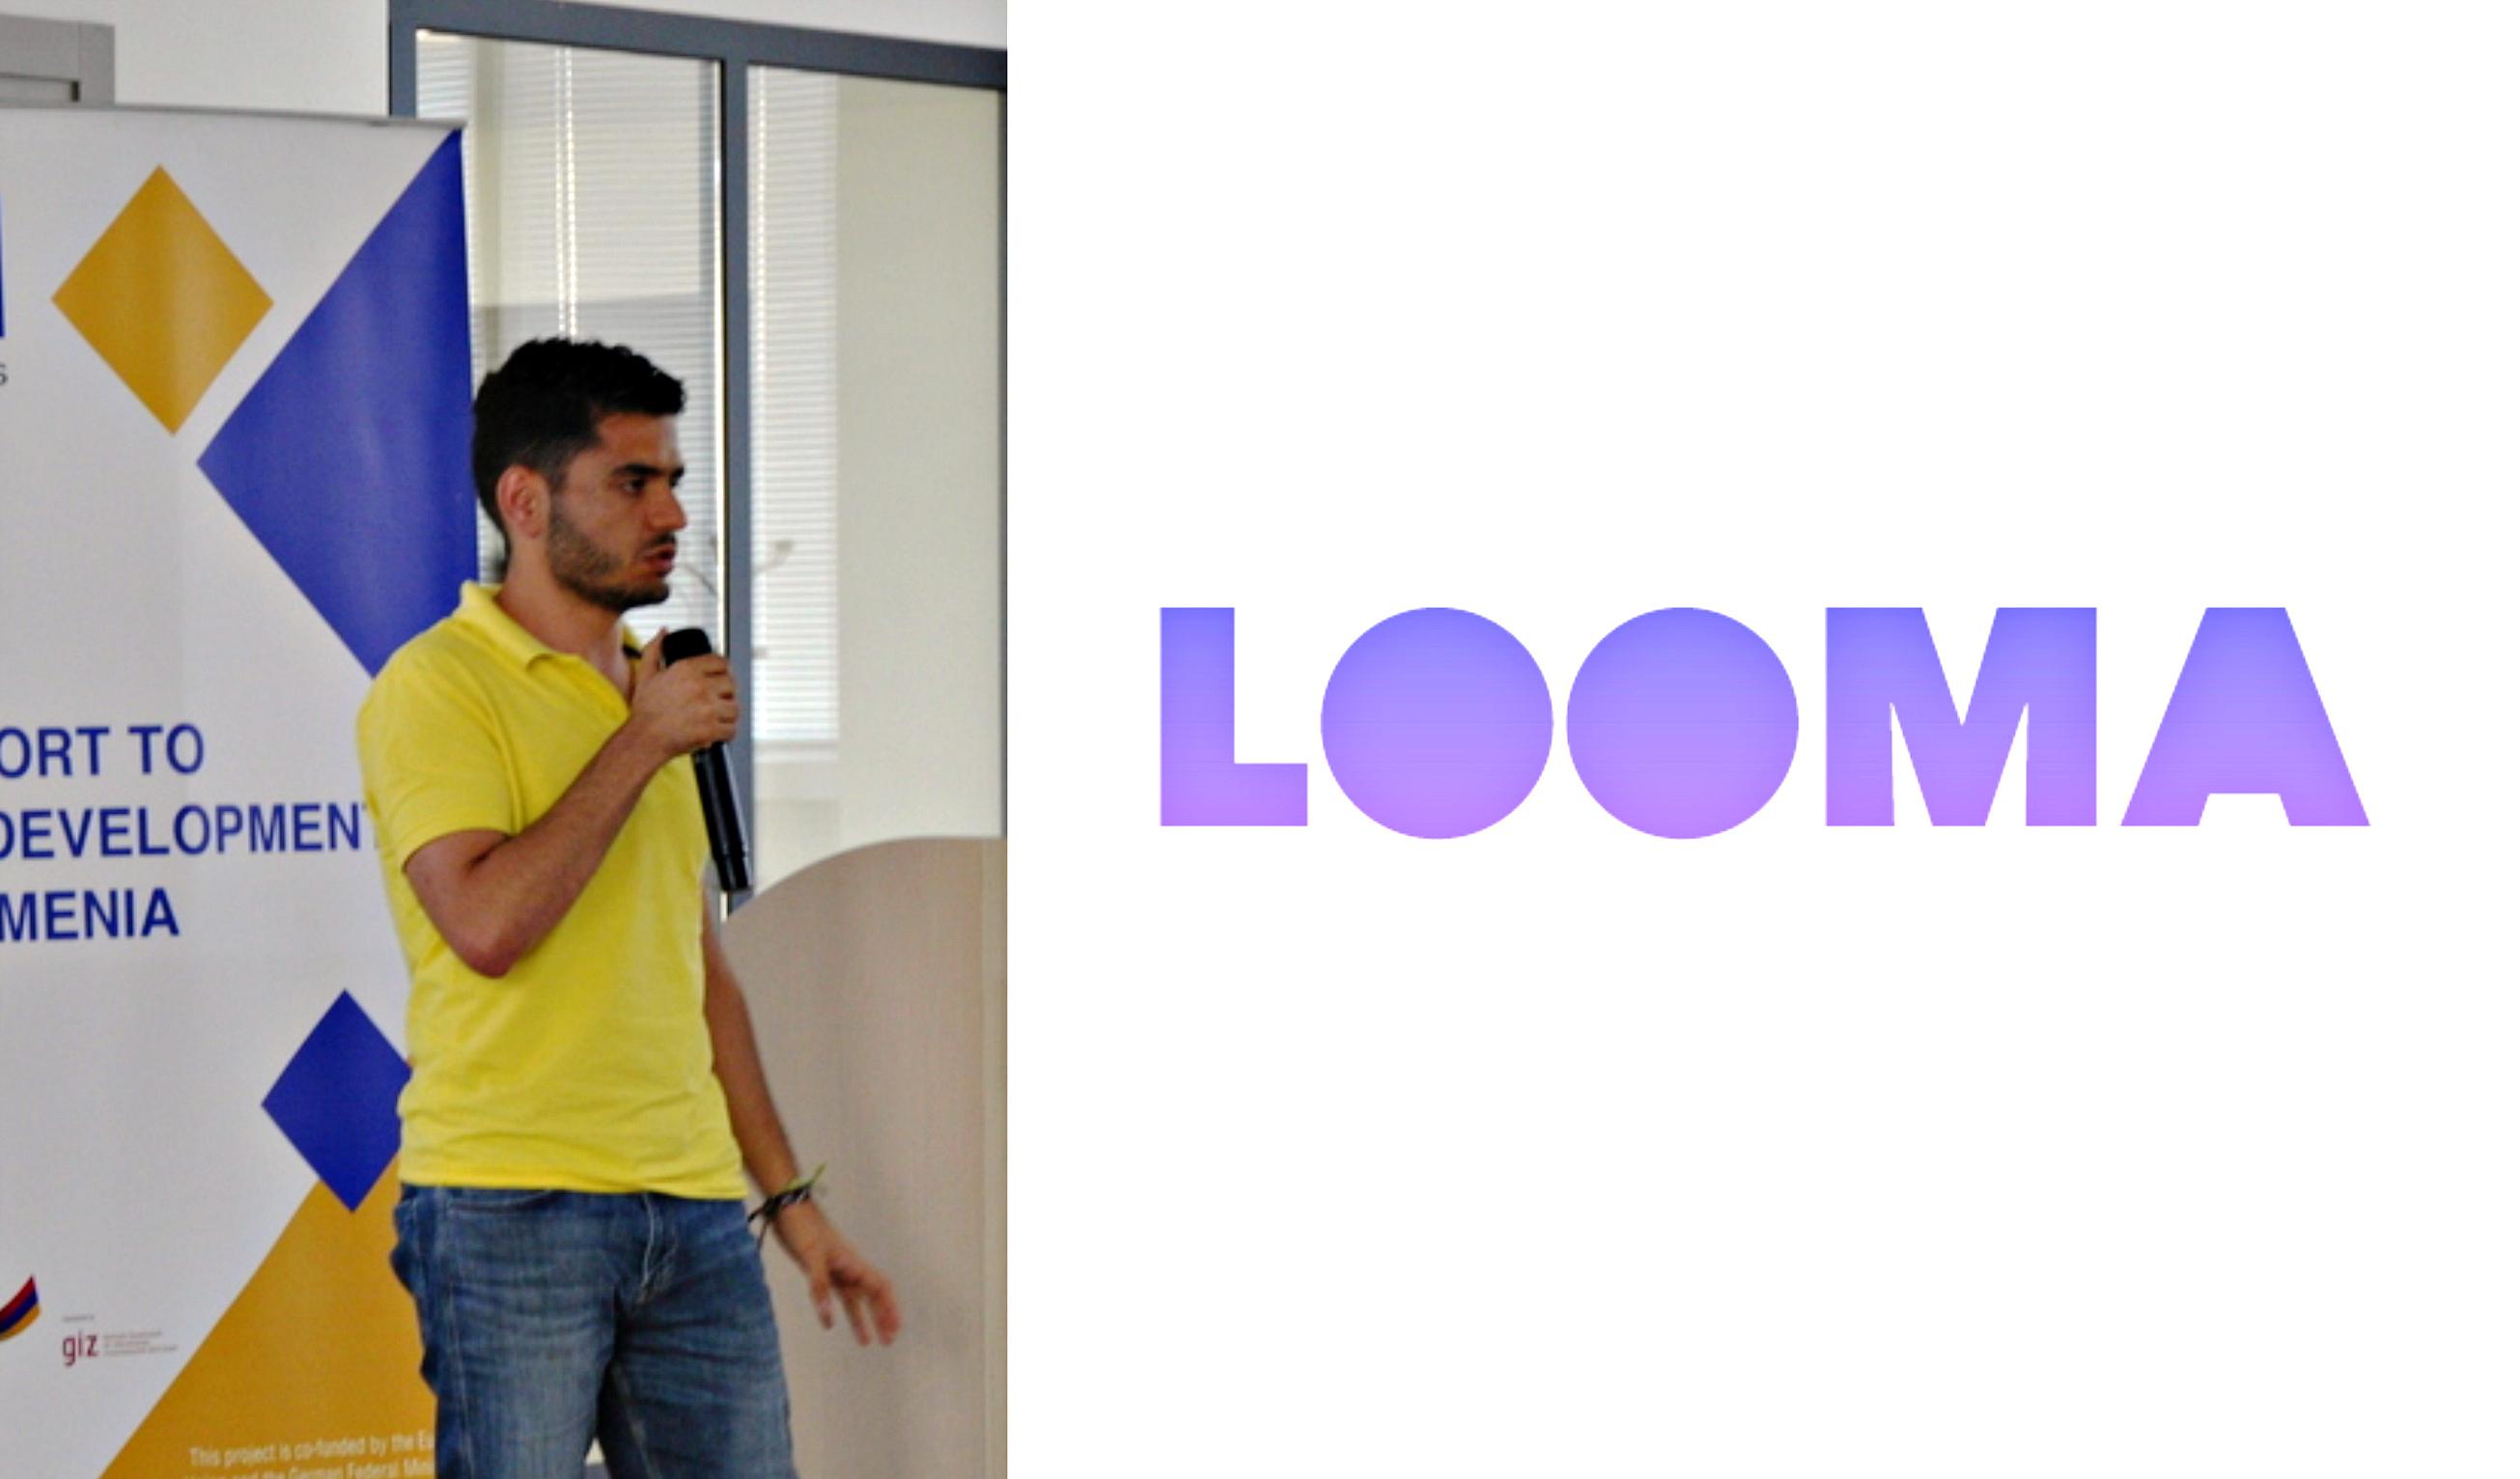 Looma հավելված․ այսօրվա մանրադրամը՝ վաղվա թղթադրամի գրավական